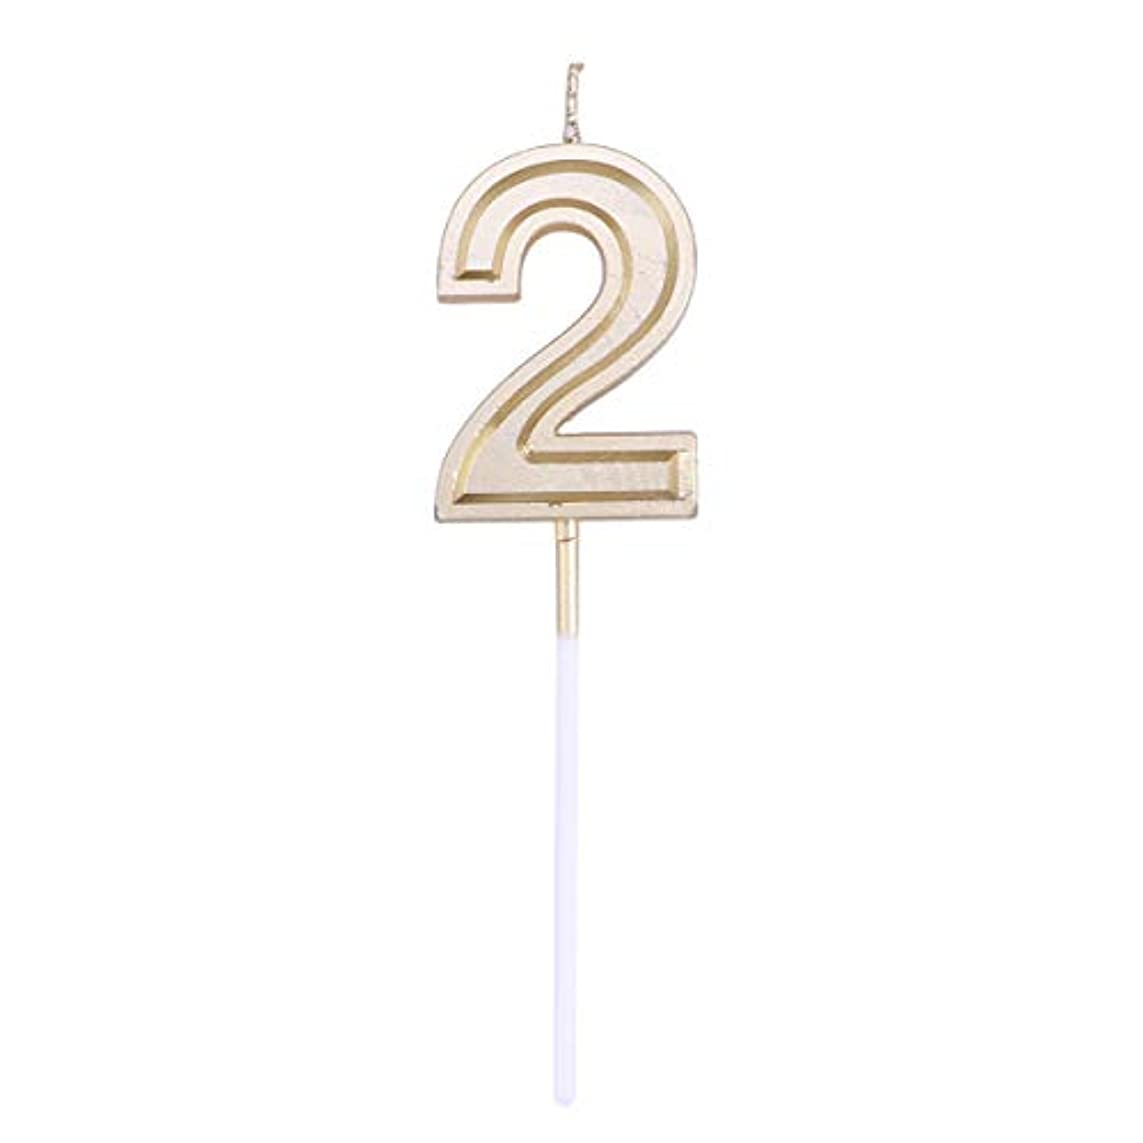 失泣いているサーバToyvian ゴールドラメ誕生日おめでとう数字キャンドル番号キャンドルケーキトッパー装飾用大人キッズパーティー(ナンバー2)